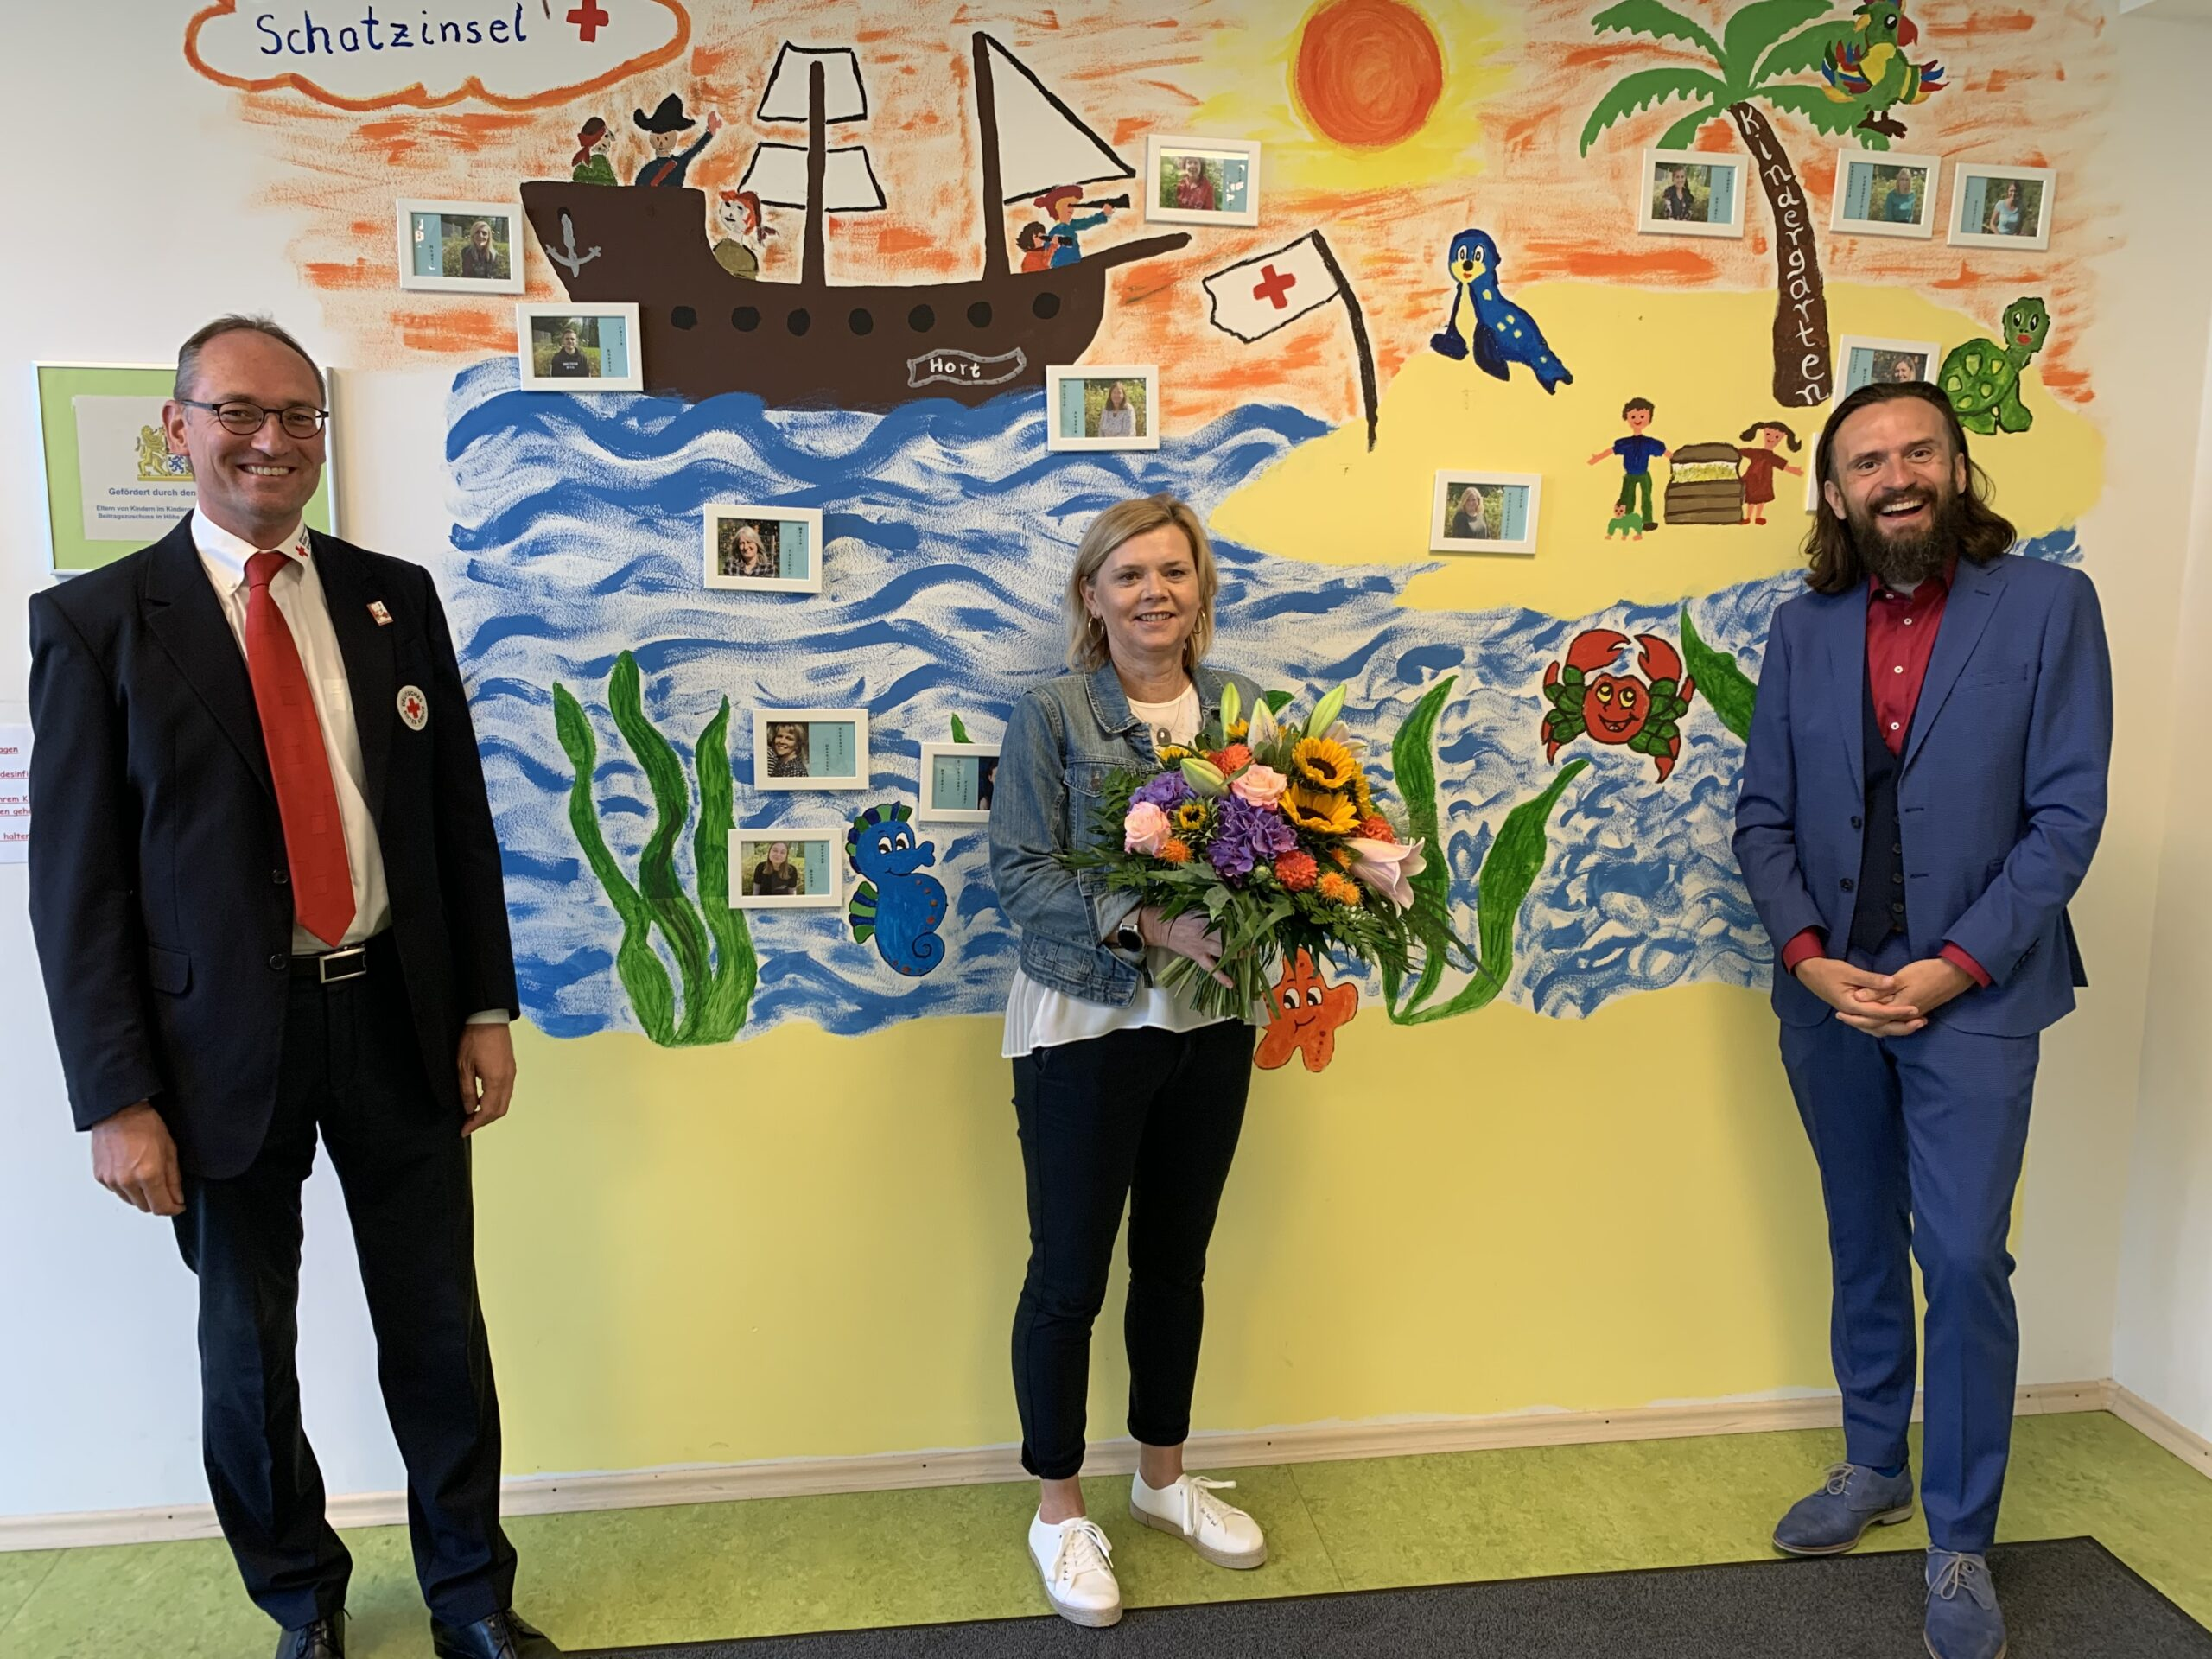 Foto: Mit einem Blumenstrauß wurde Kathrin Ferland vom BRK-Kreisvorsitzenden Bernhard Seidenath und vom BRK-Kreisgeschäftsführer Paul Polyfka in der Schatzinsel in Karlsfeld begrüßt.